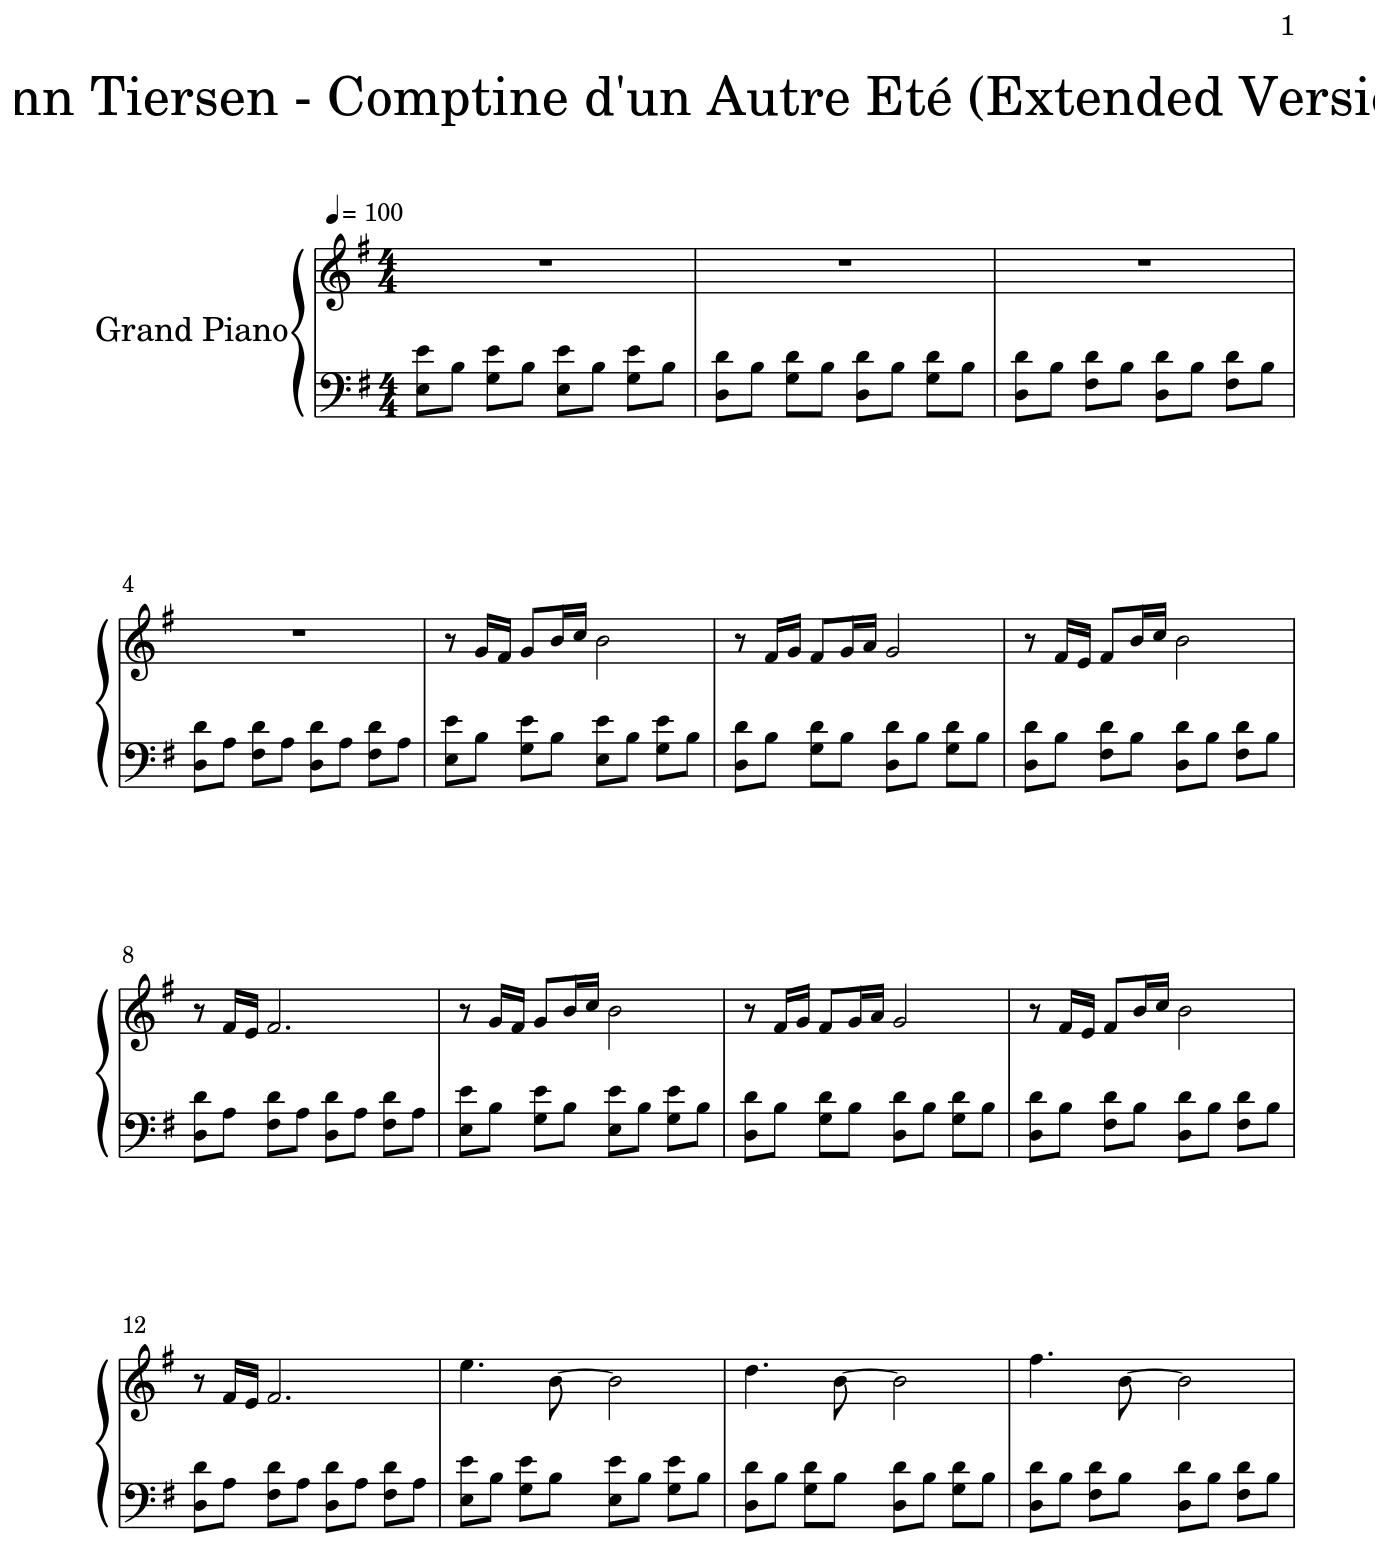 Yann Tiersen Comptine Dun Autre Eté Extended Version Flat